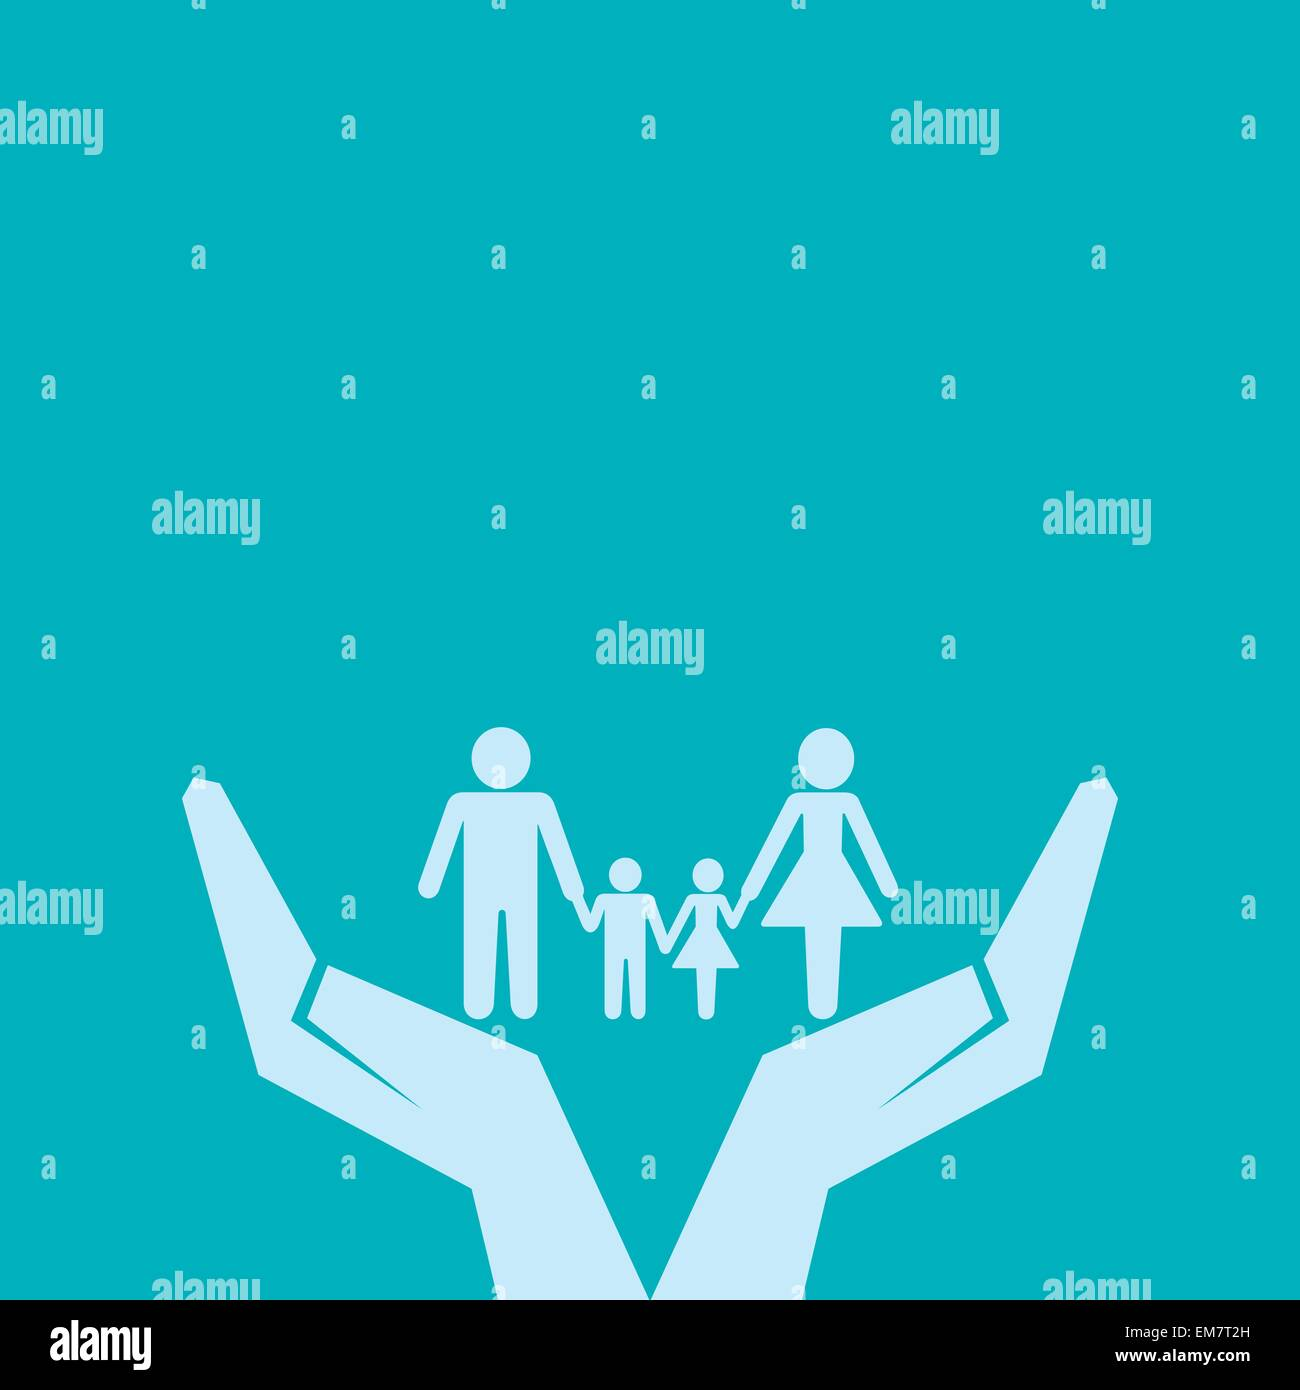 Fijar o guardar familia bajo el concepto de mano Imagen De Stock